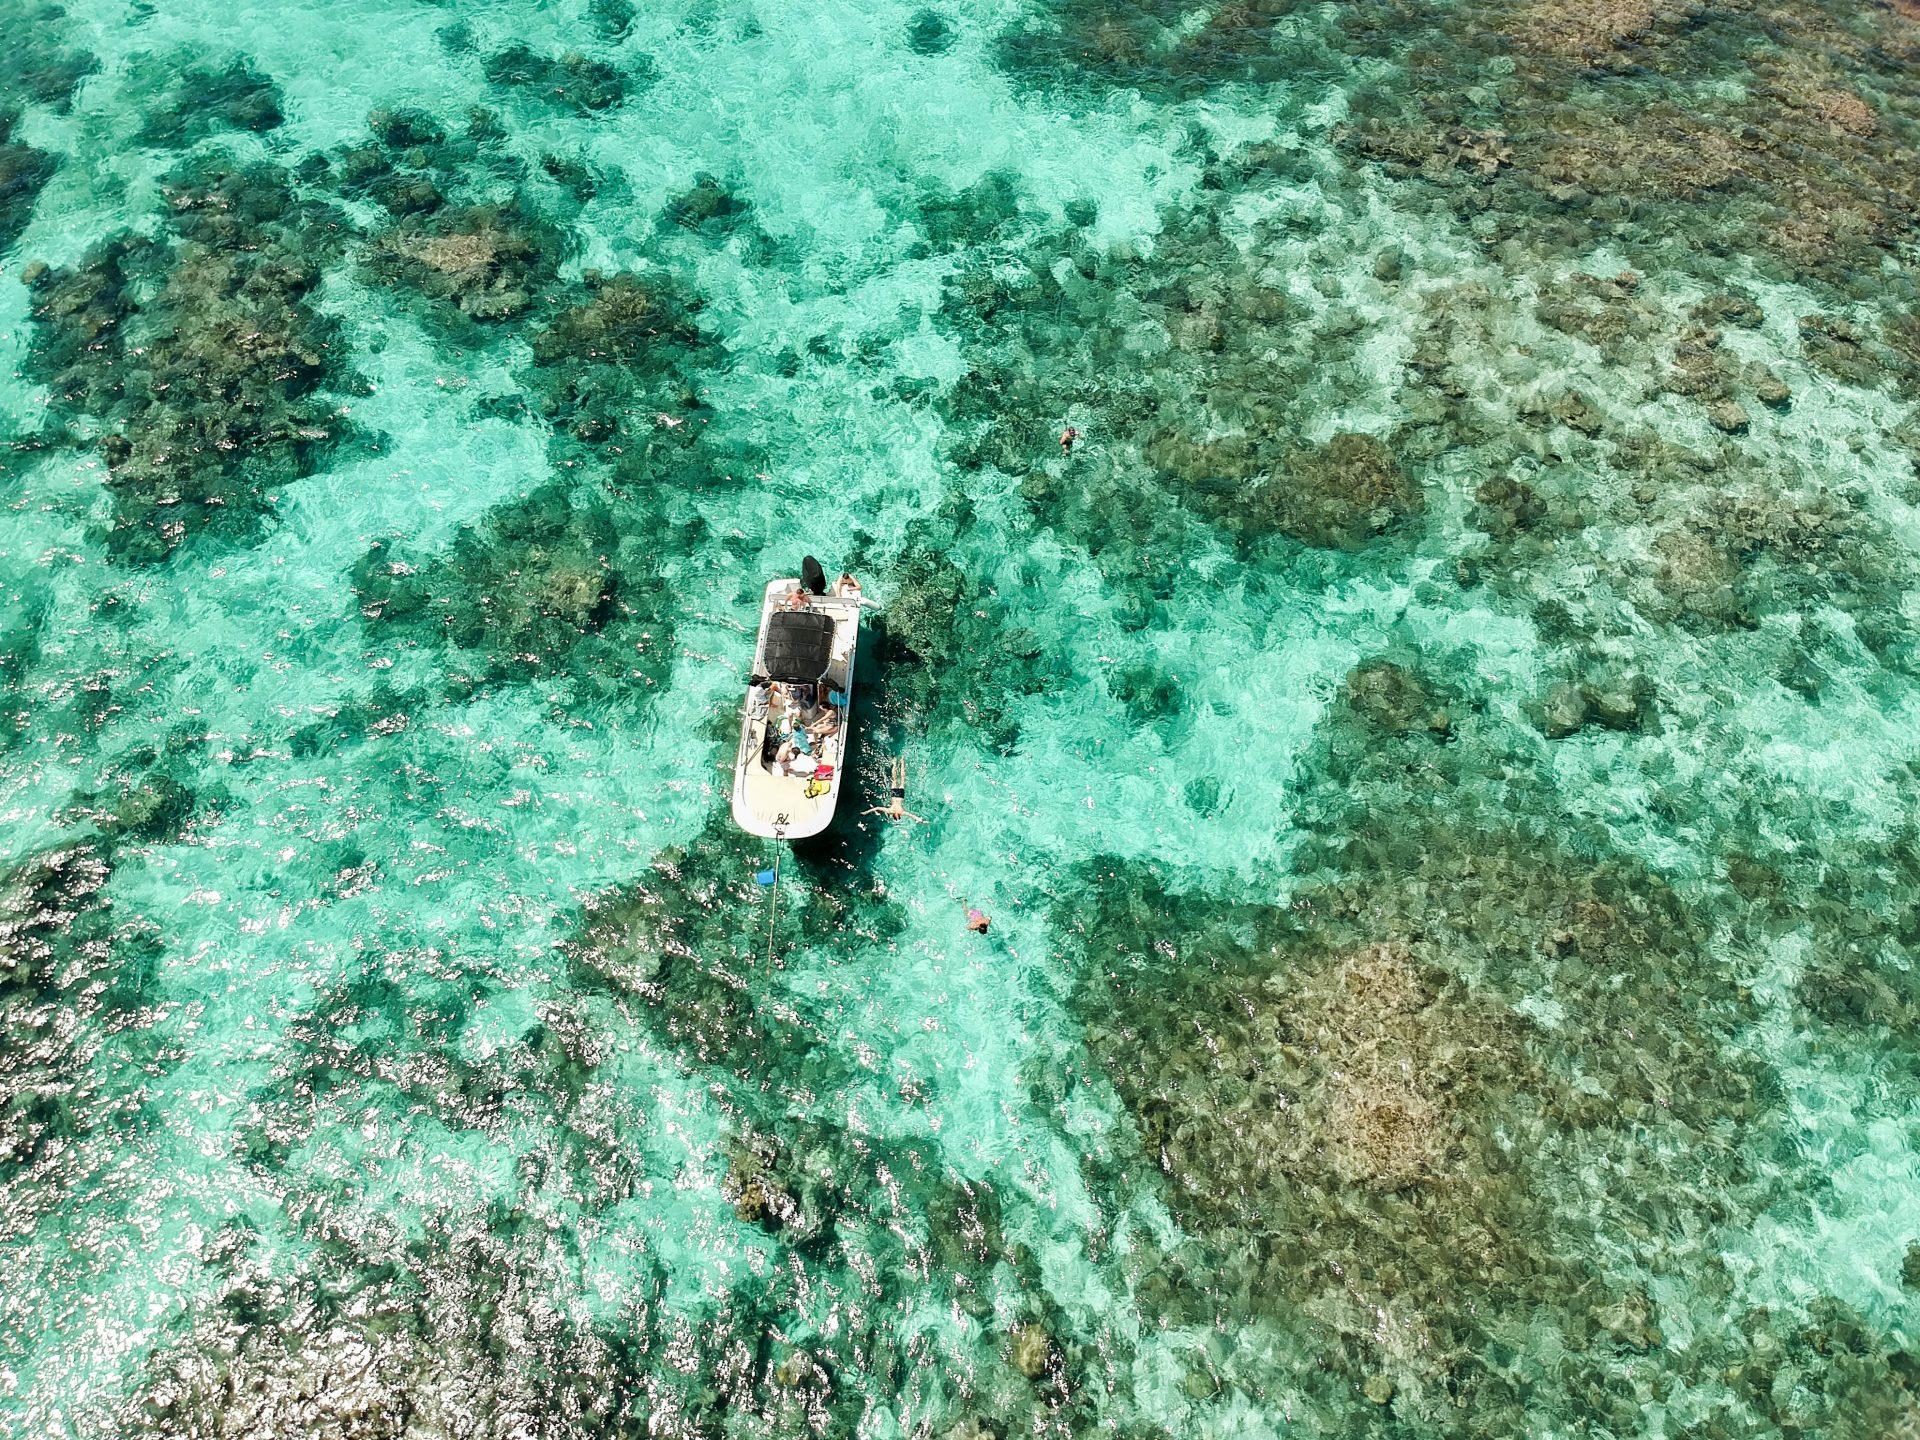 Barrière de corail au large de Sainte-Rose.